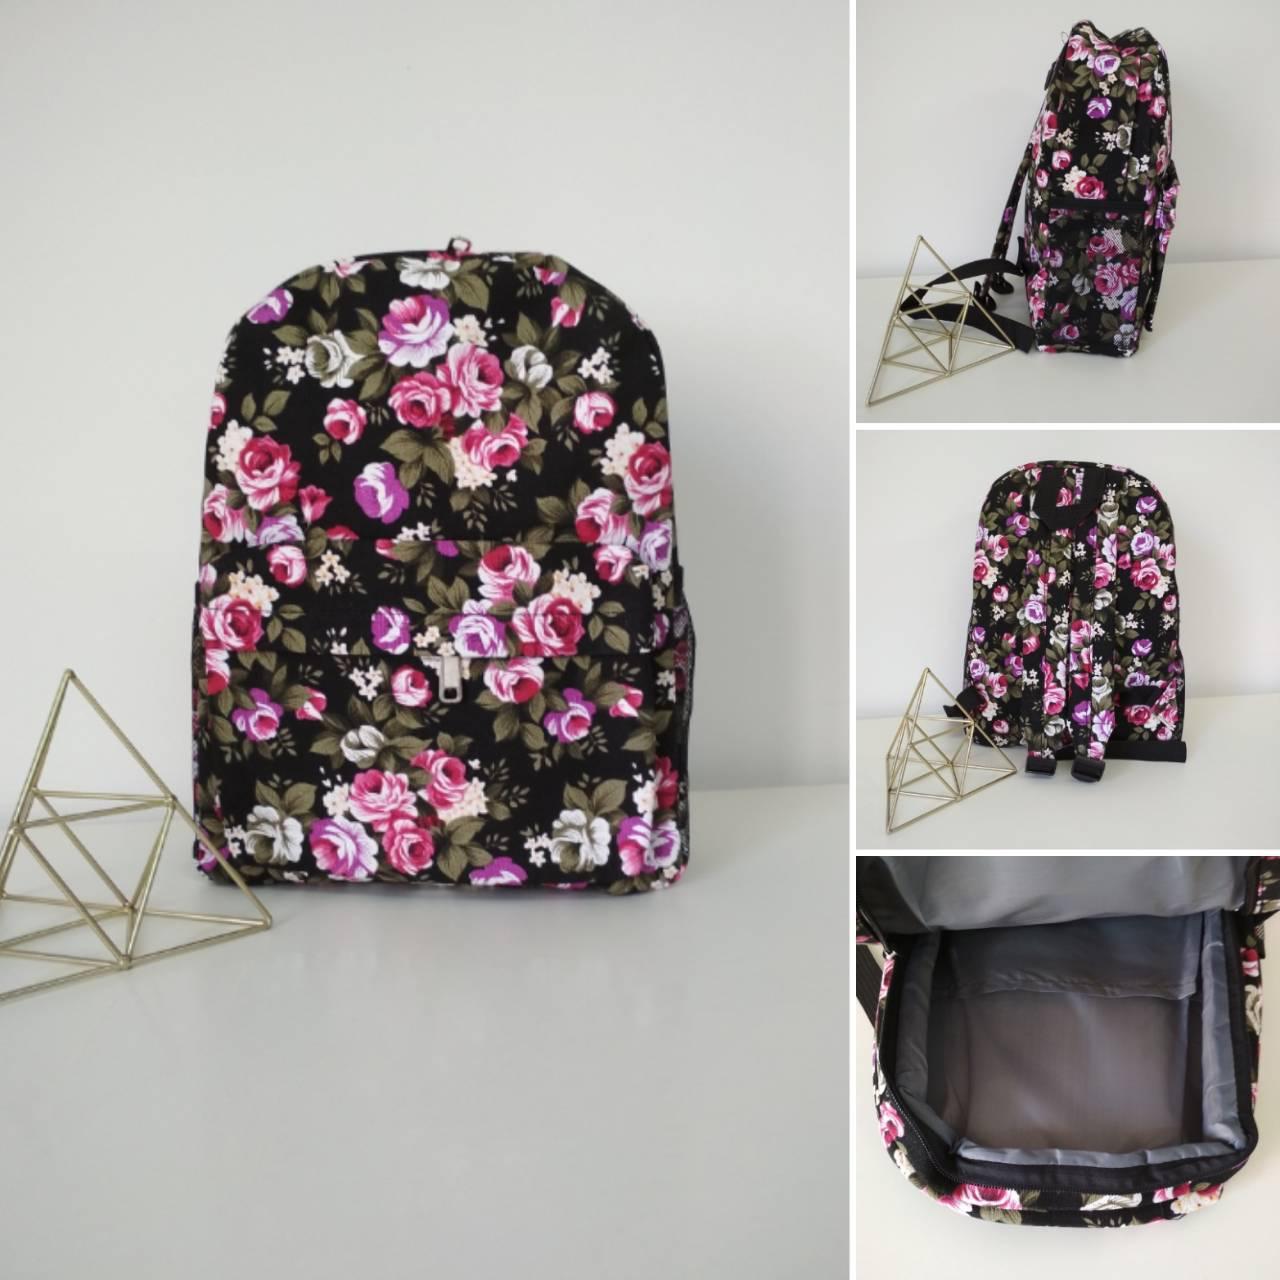 530d1aa4fde8 Рюкзак женский молодежный текстильный с цветочным принтом за 195 грн ...